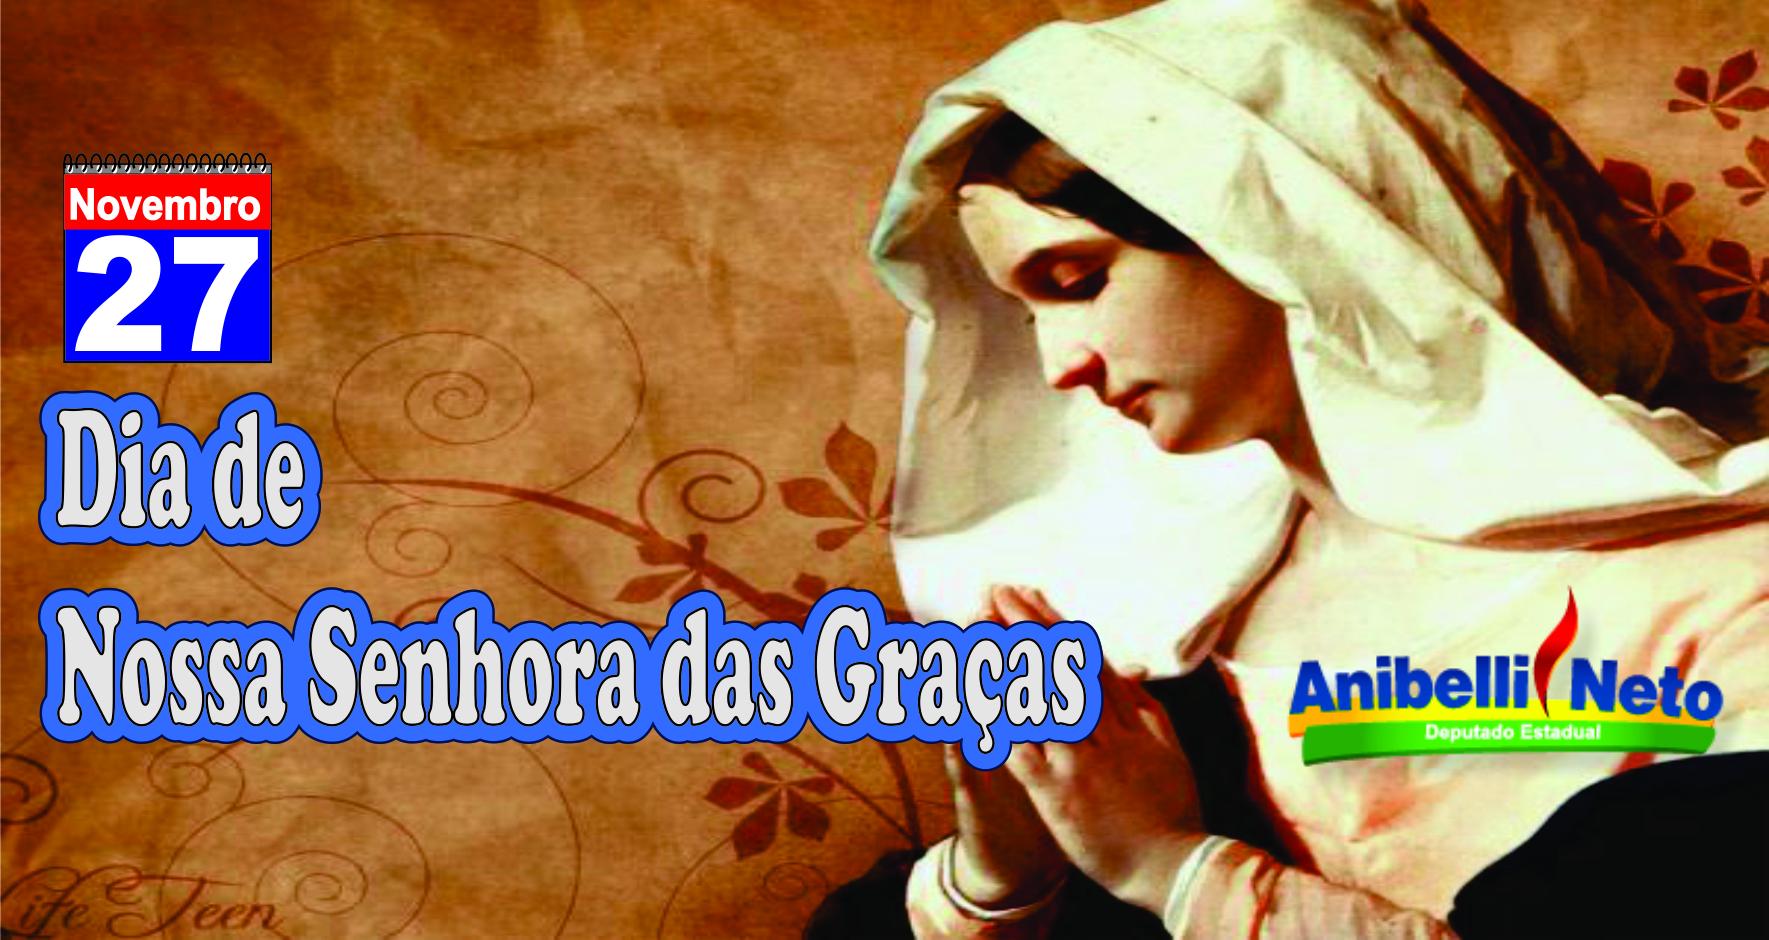 Dia de Nossa Senhora das Graças